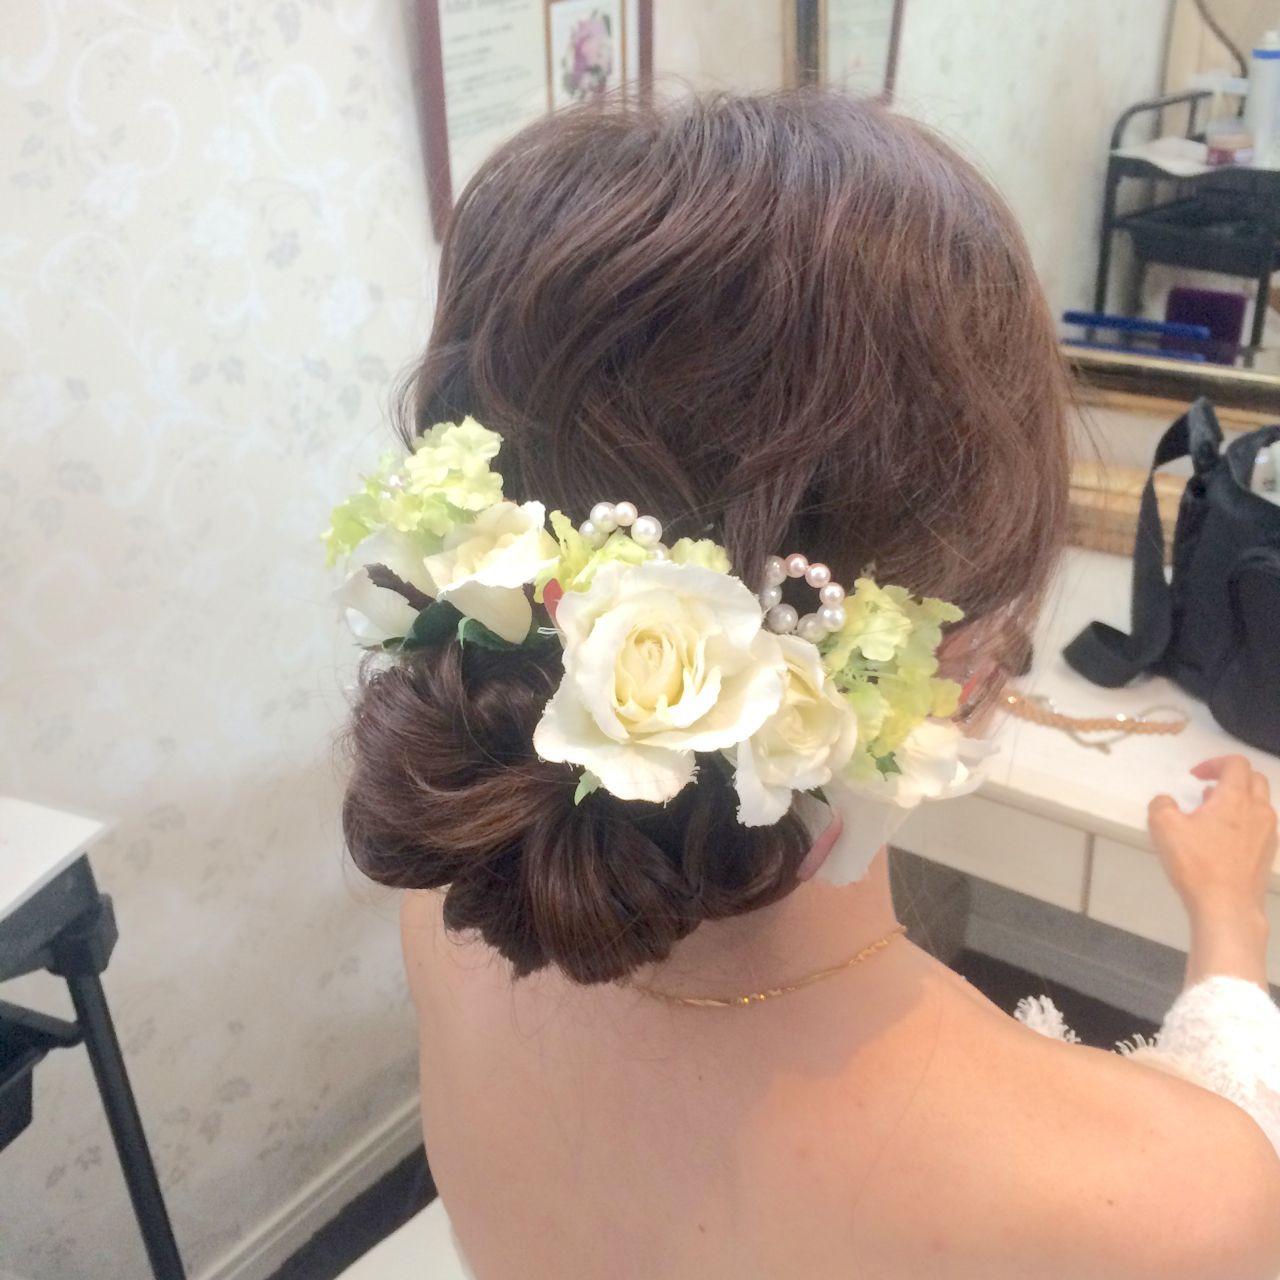 理想の結婚式を叶える♡なりたいイメージ別ウエディングヘアカタログ CRUSTY